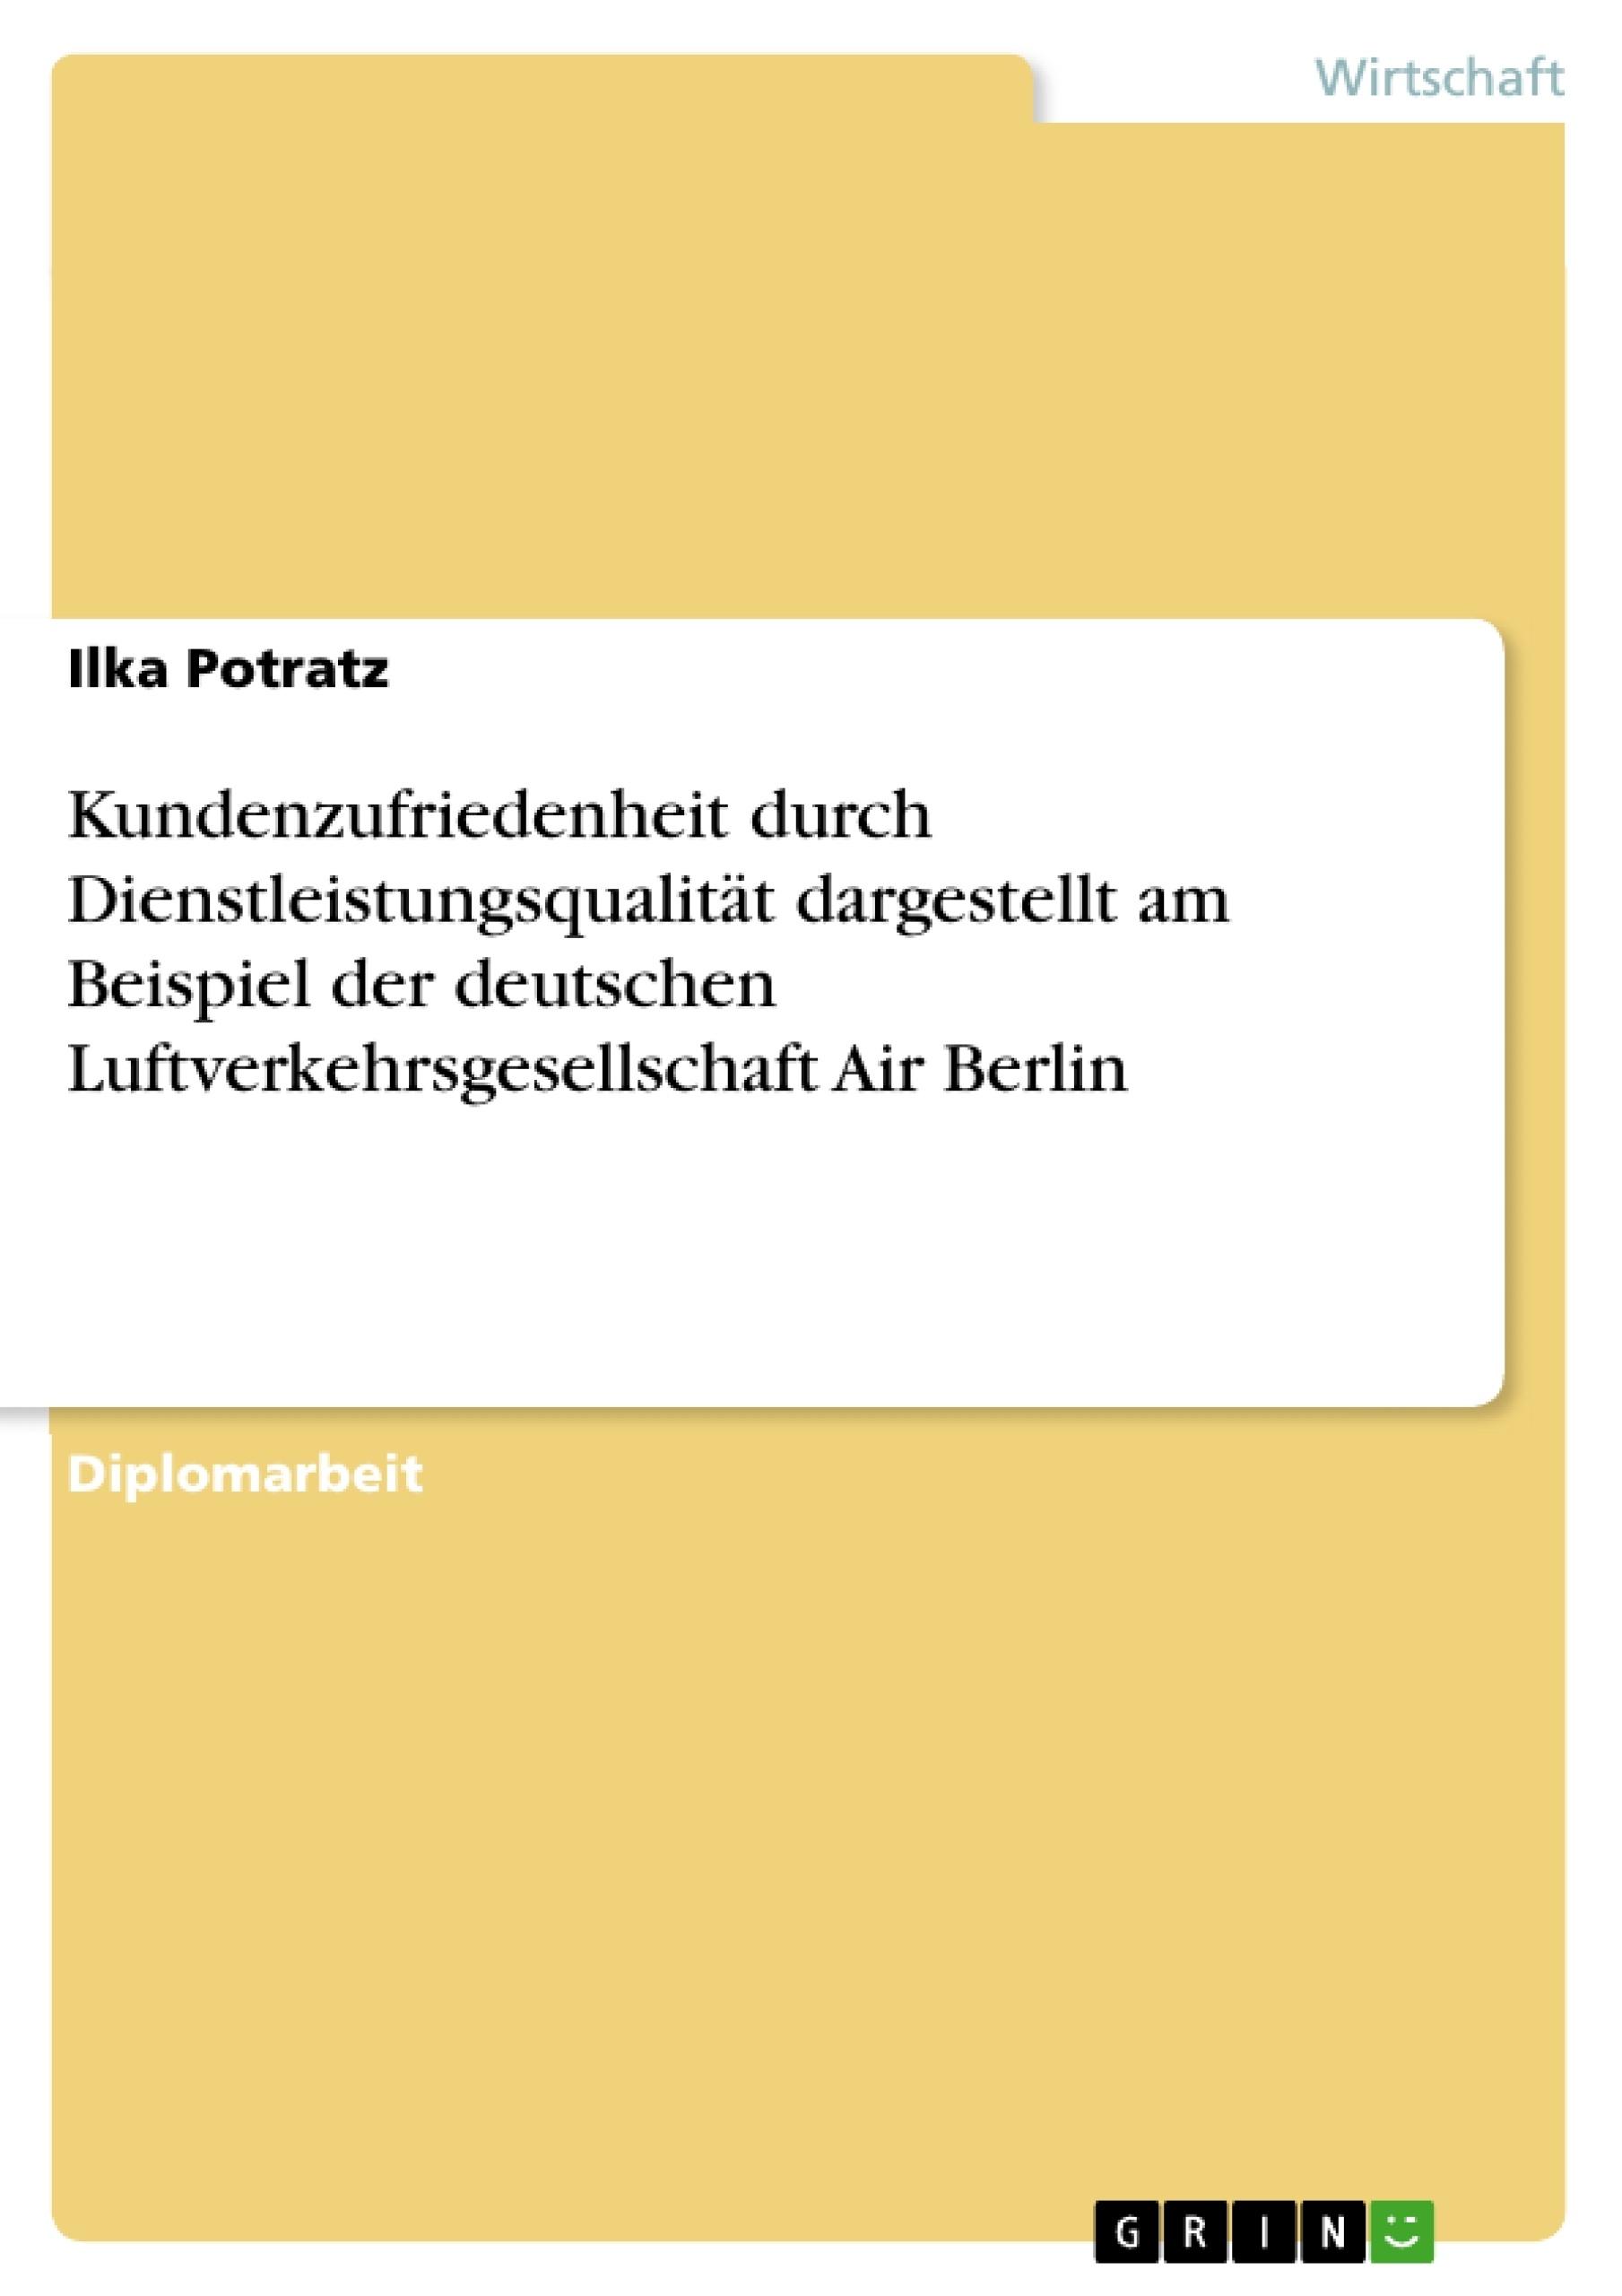 Titel: Kundenzufriedenheit durch Dienstleistungsqualität dargestellt am Beispiel der deutschen Luftverkehrsgesellschaft Air Berlin